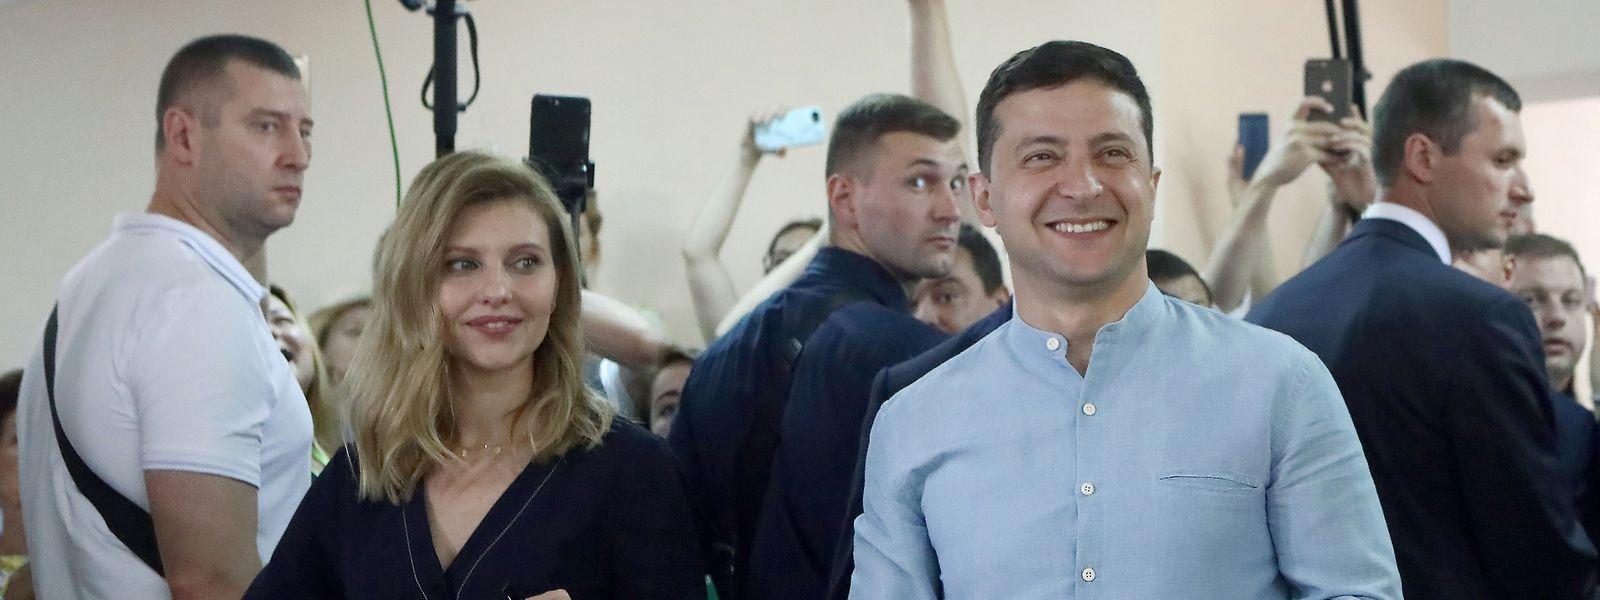 Wolodymyr Selenskyj (2. r), Präsident der Ukraine, und seine Ehefrau Olena (l) geben ihre Stimmen ab. In der Ukraine wurde ein neues Parlament gewählt.